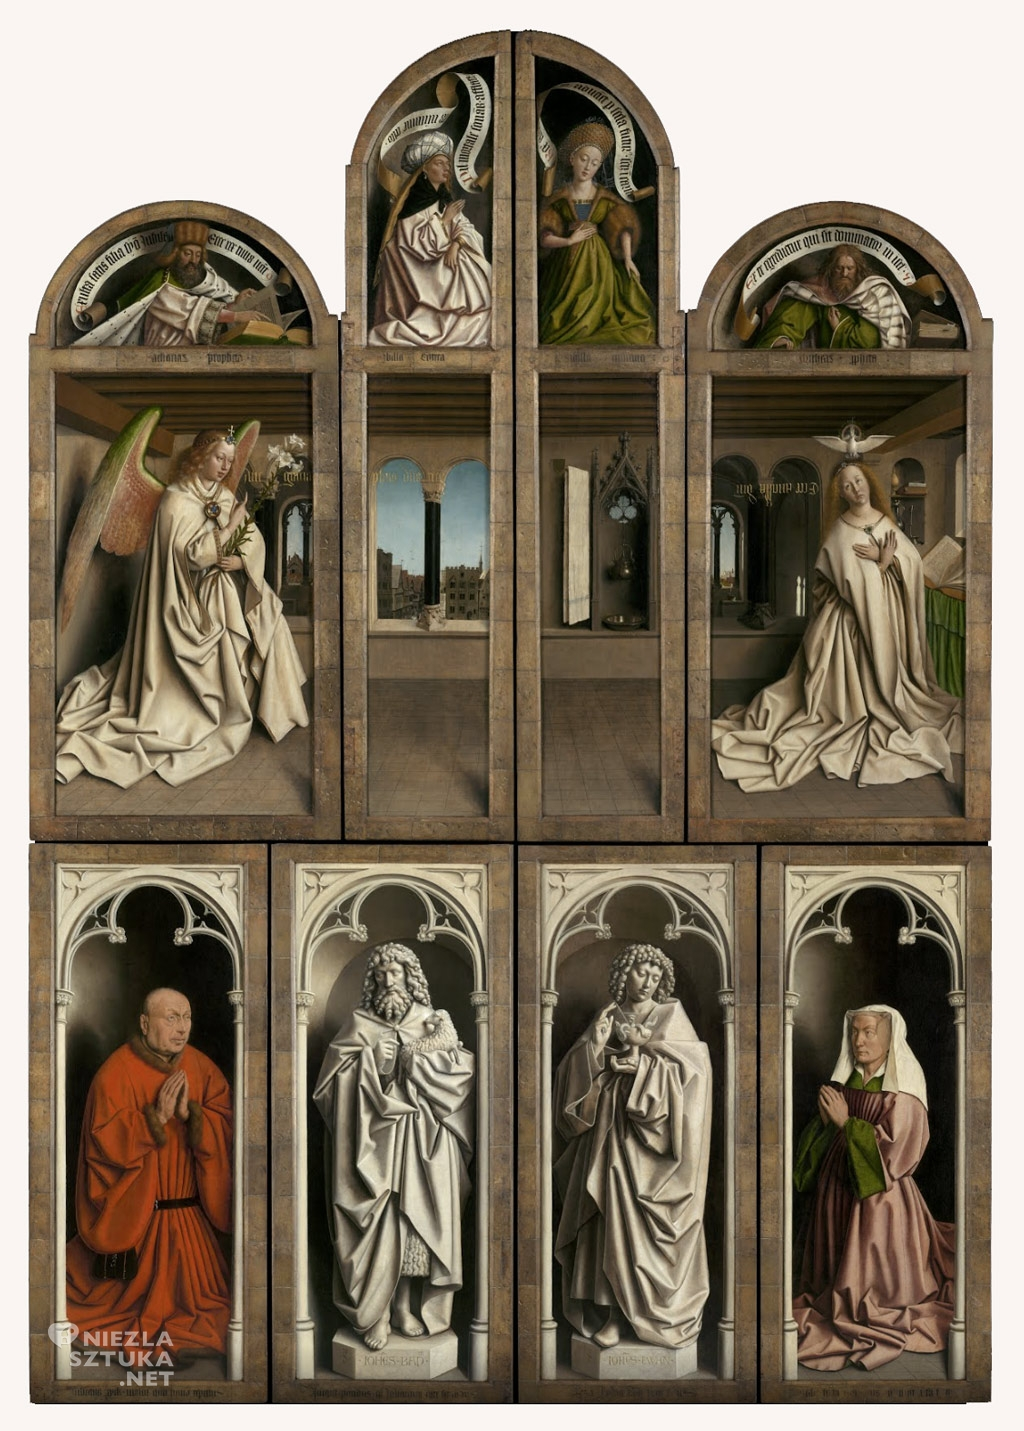 Hubert i Jana van Eyck <em>Ołtarz Gandawski (Adoracja Mistycznego Baranka)</em>, poliptyk tablicowy, 350 × 500 cm, Katedra Świętego Bawona, Gandawa